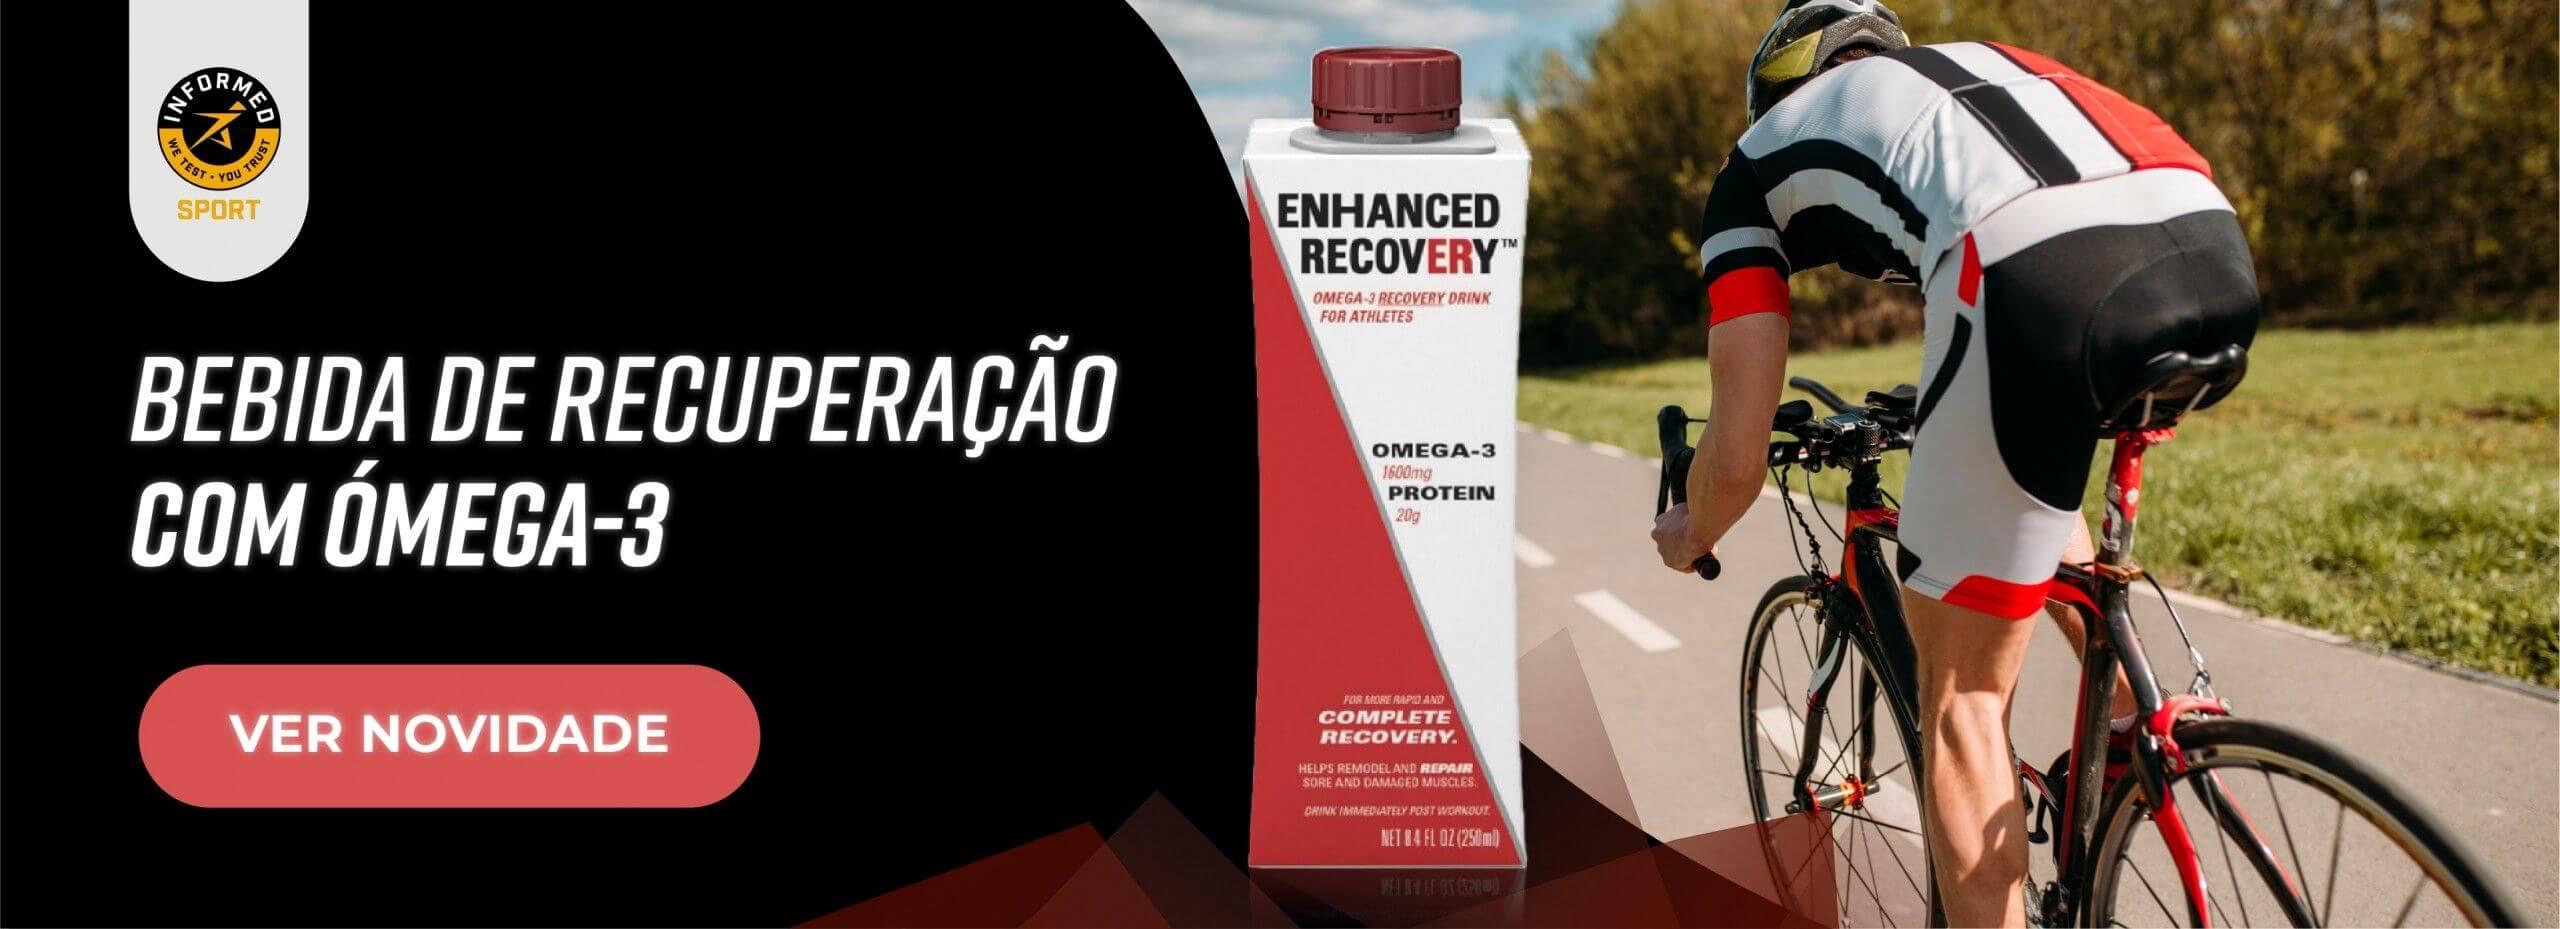 ENHANCED RECOVERY Bebida com omega-3